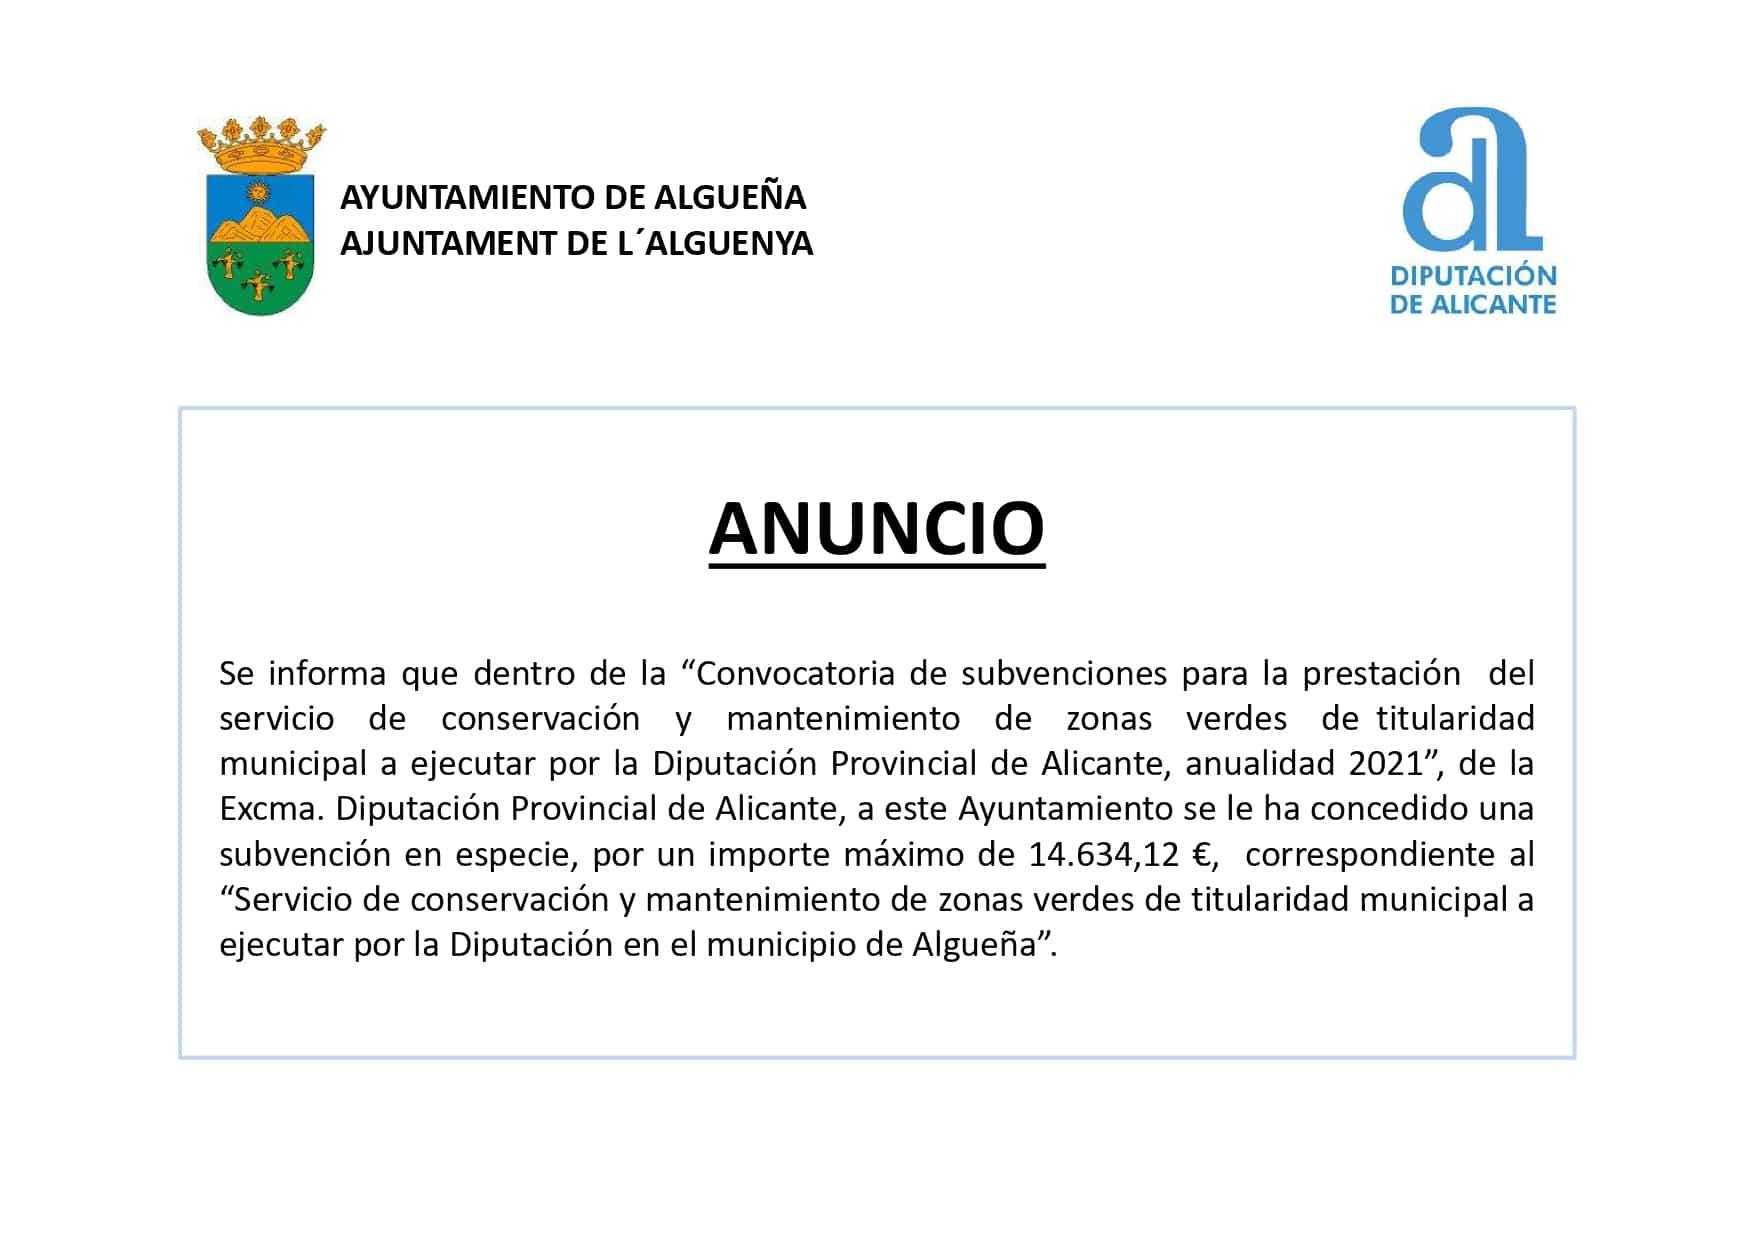 """ANUNCIO Subvención en especie para el """"Servicio de conservación y mantenimiento de zonas verdes de titularidad municipal"""""""